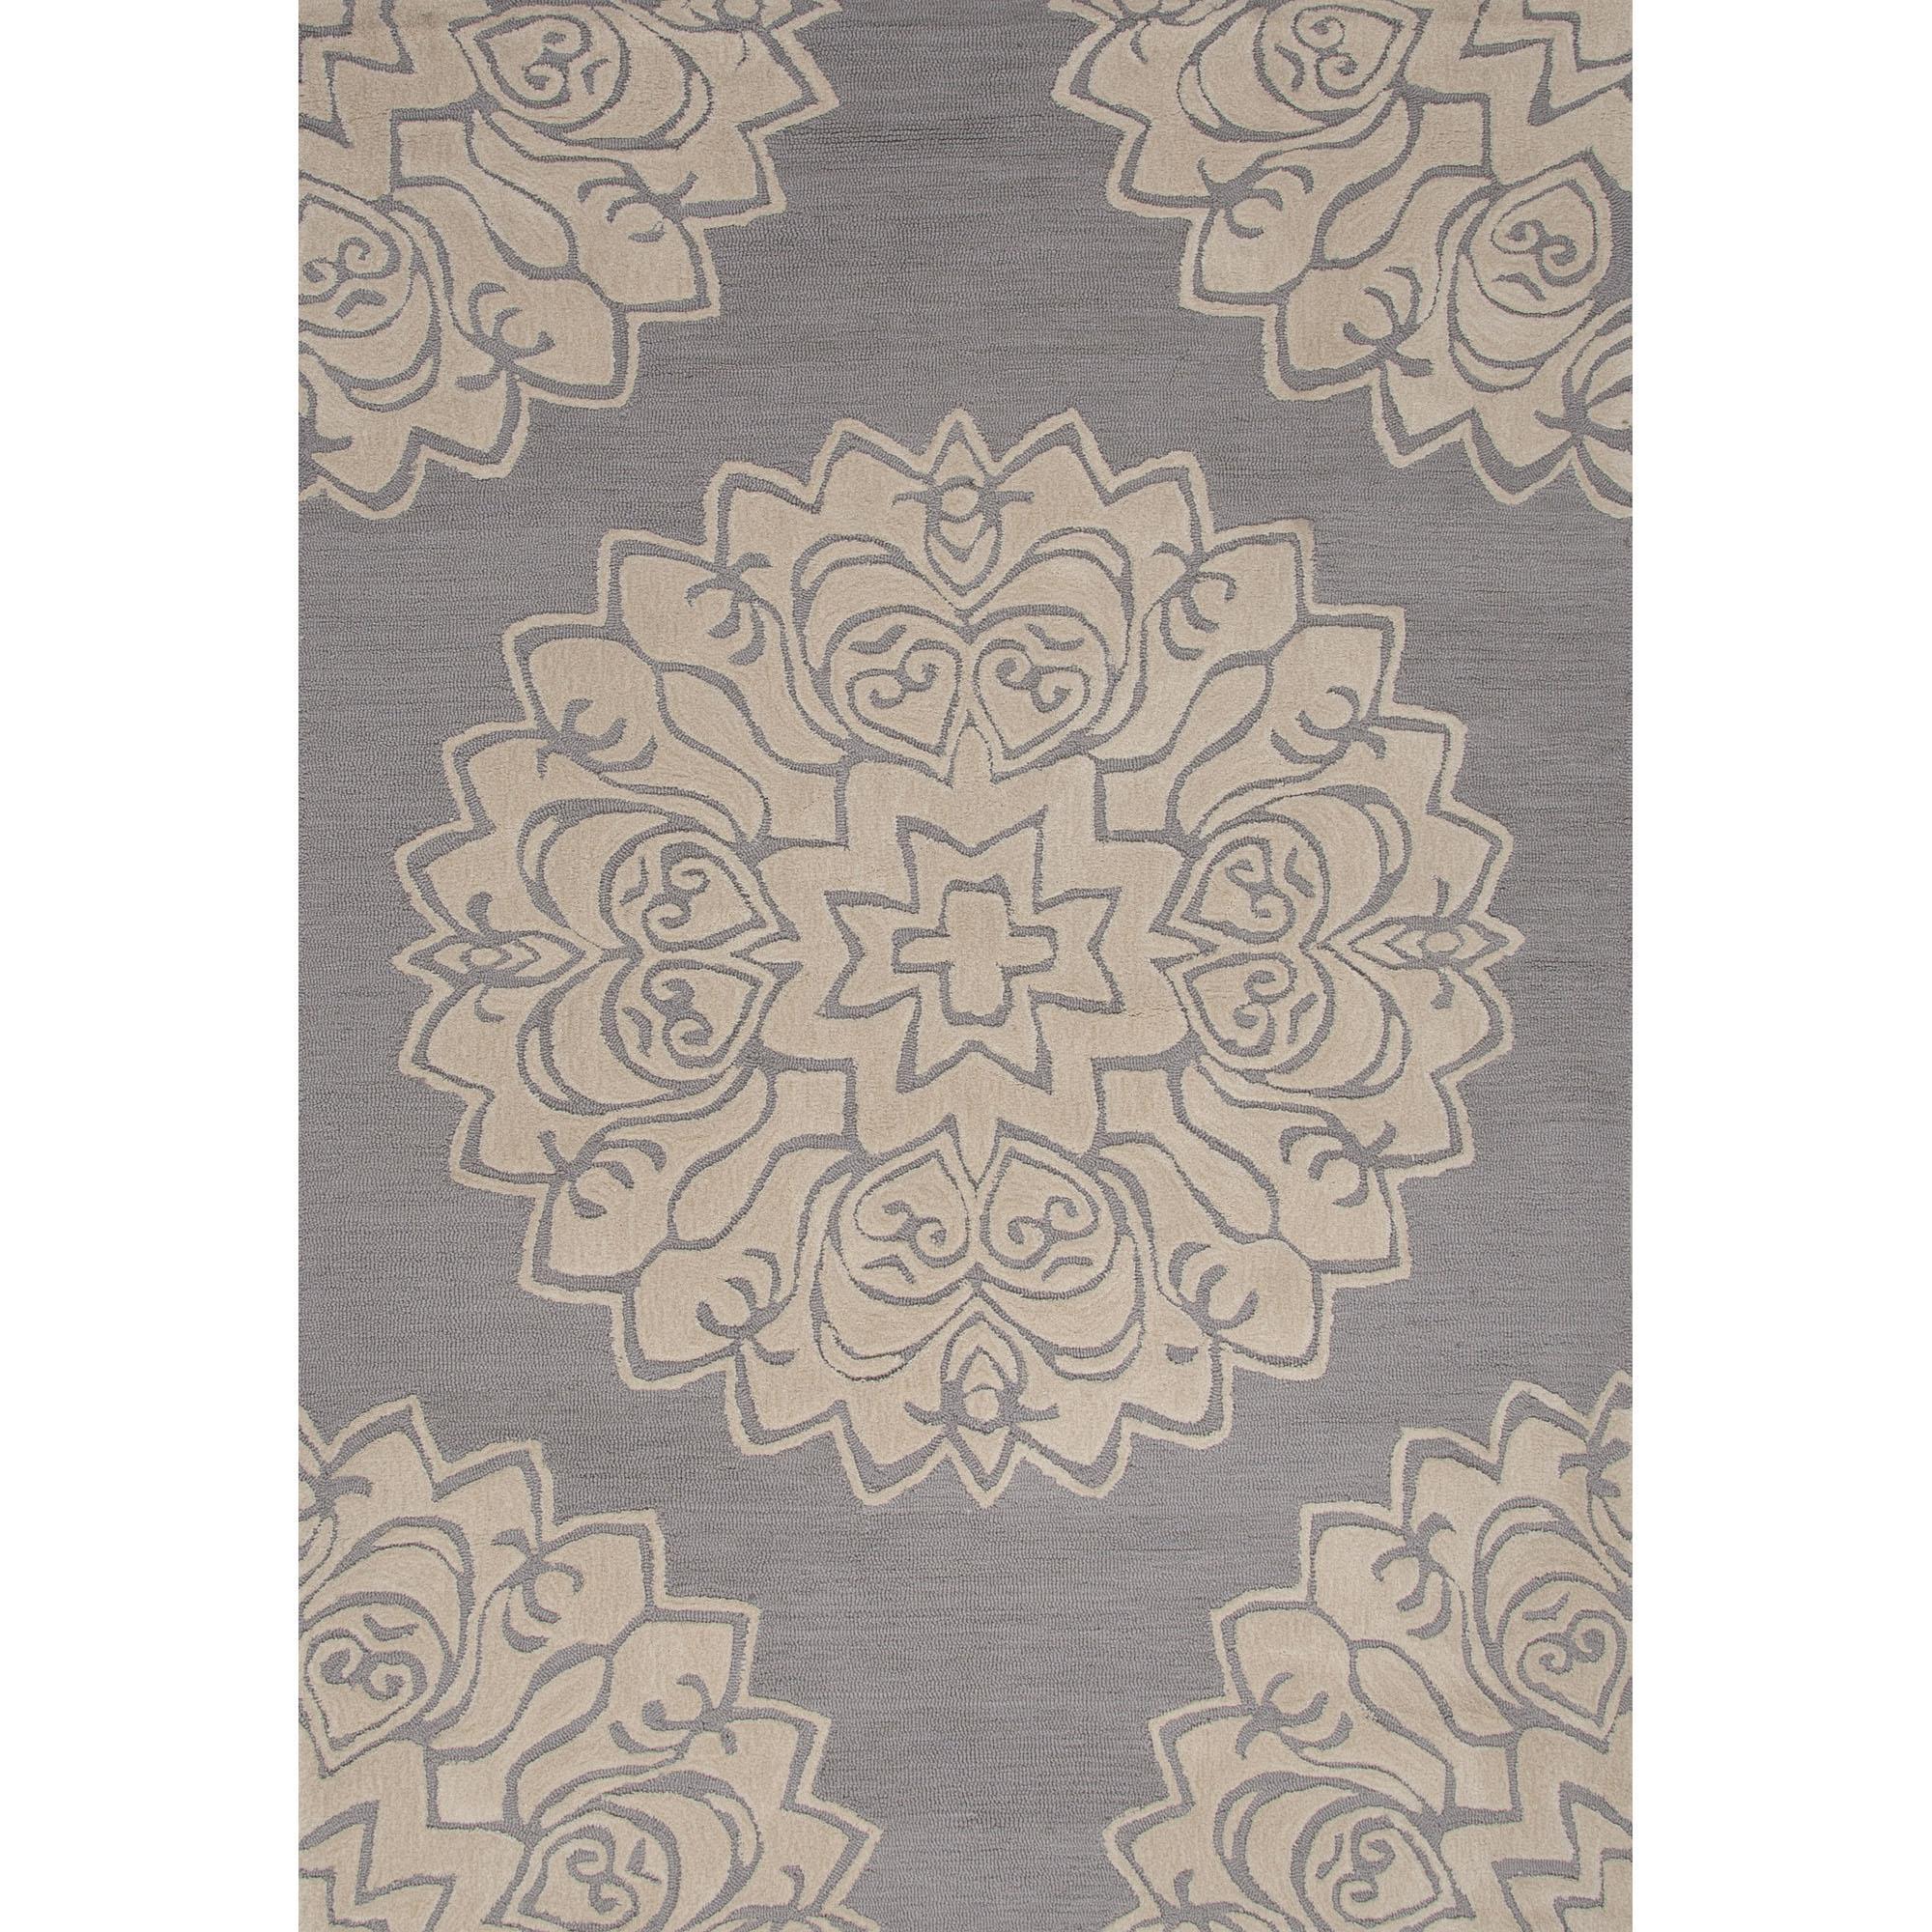 JAIPUR Rugs Devine 7.6 x 9.6 Rug - Item Number: RUG122549